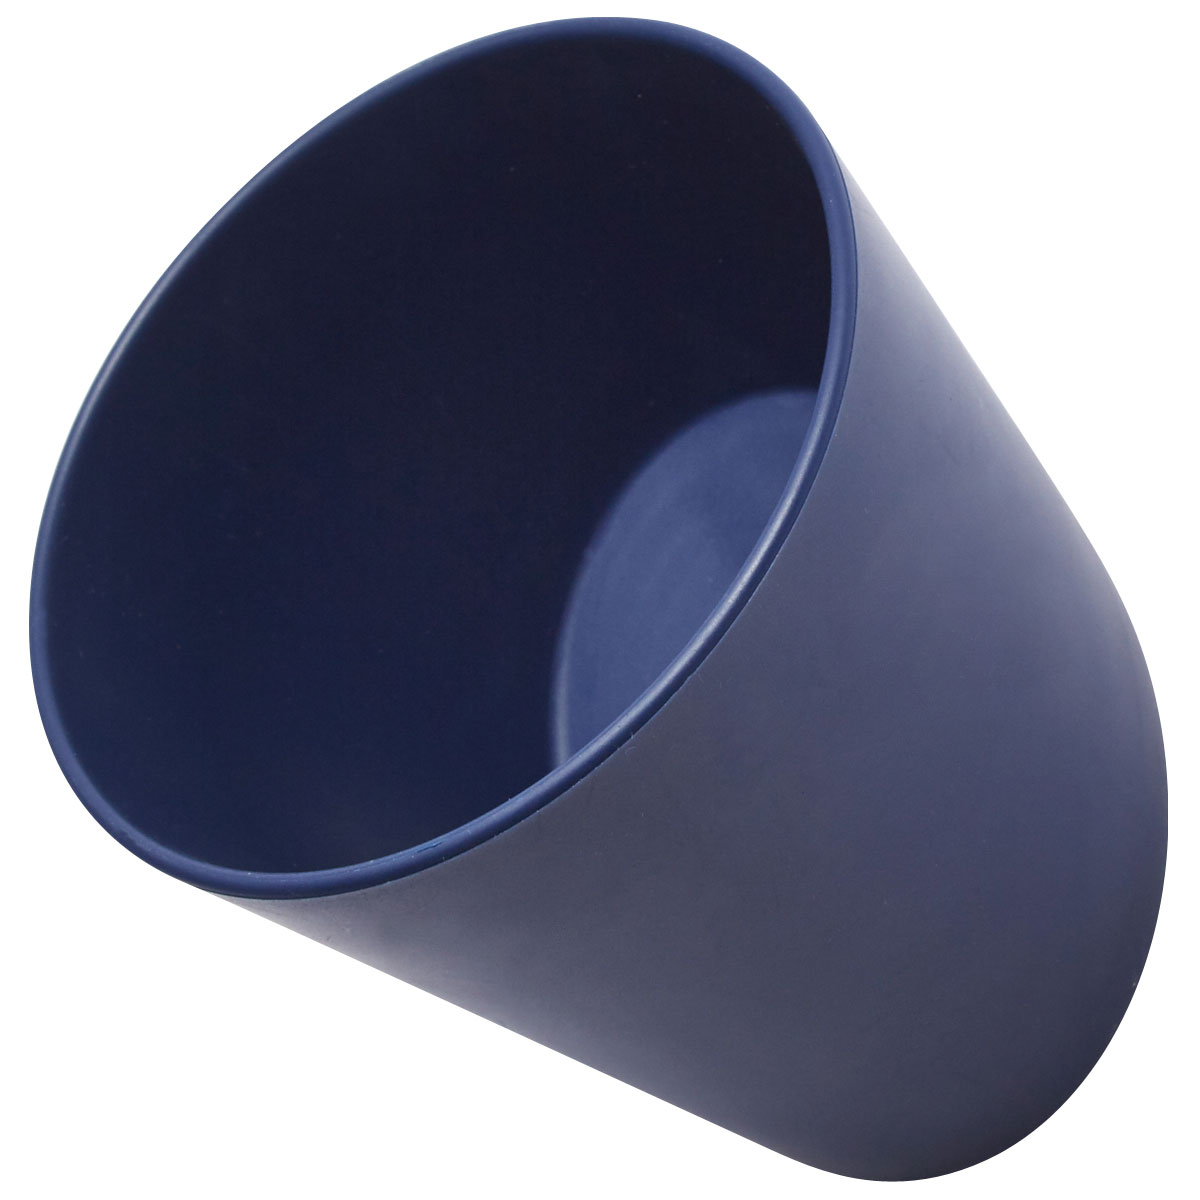 壁面収納 ideaco デカッポ フック&カップ 小物入れ イデアコ 壁面収納 decuppo ネイビー